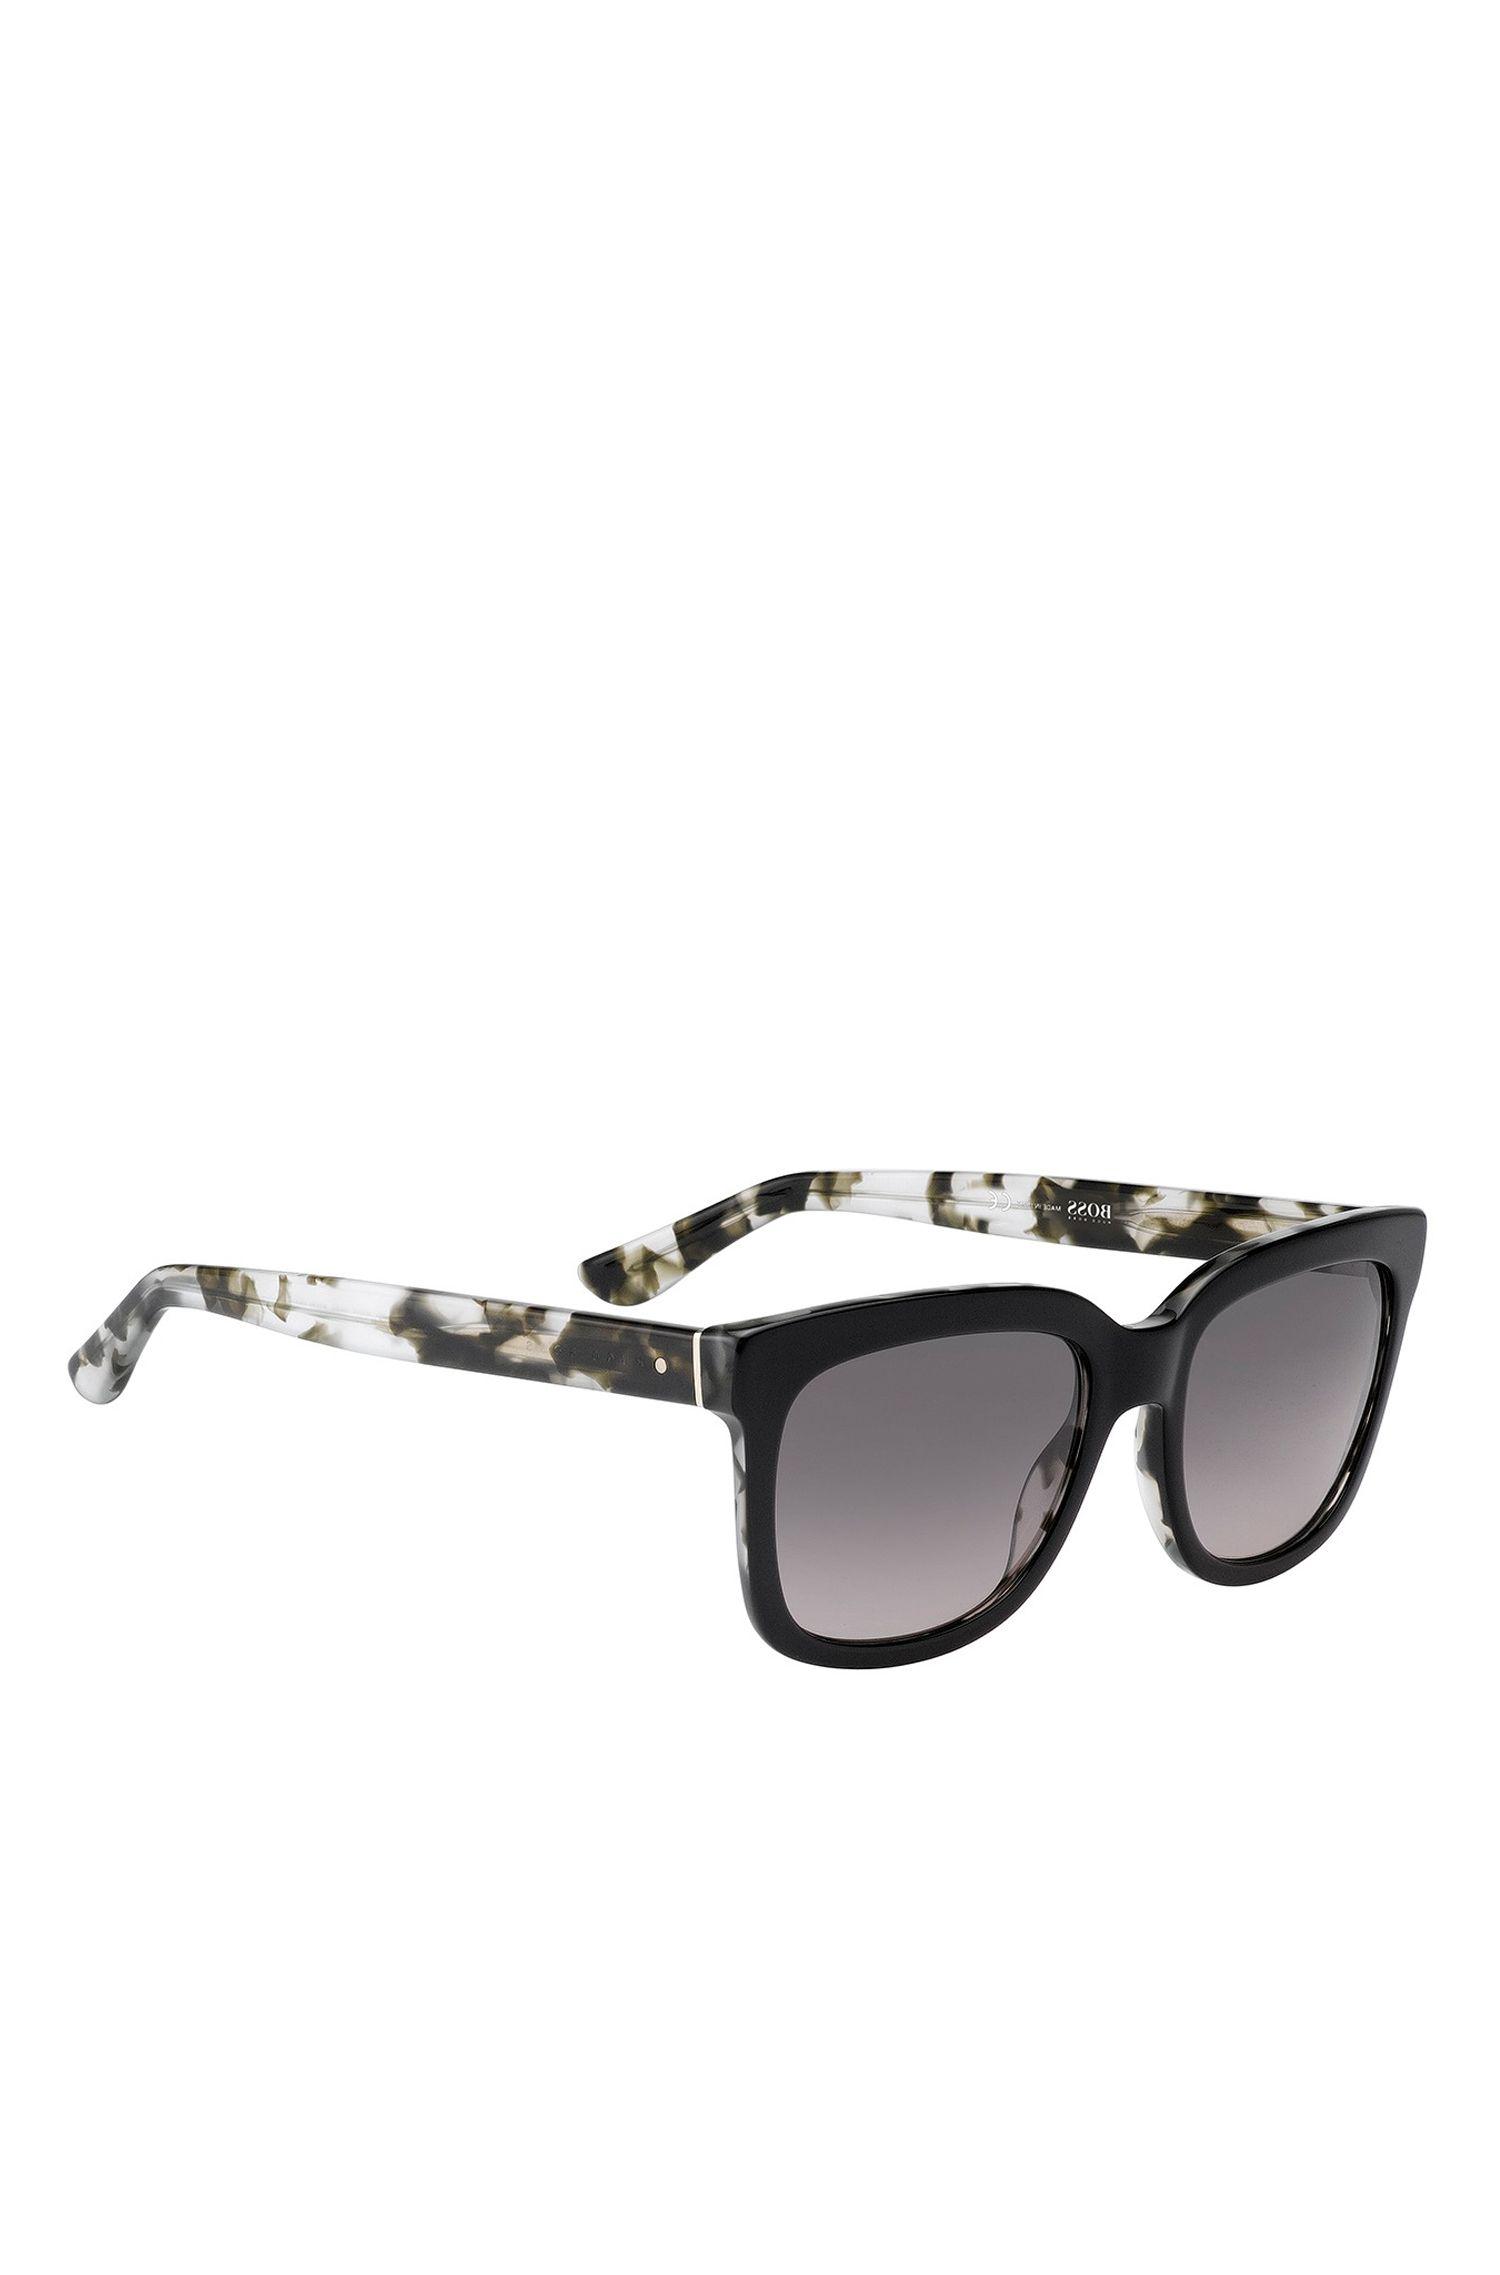 Gradient Lens Rectangular Sunglasses | BOSS 0741S